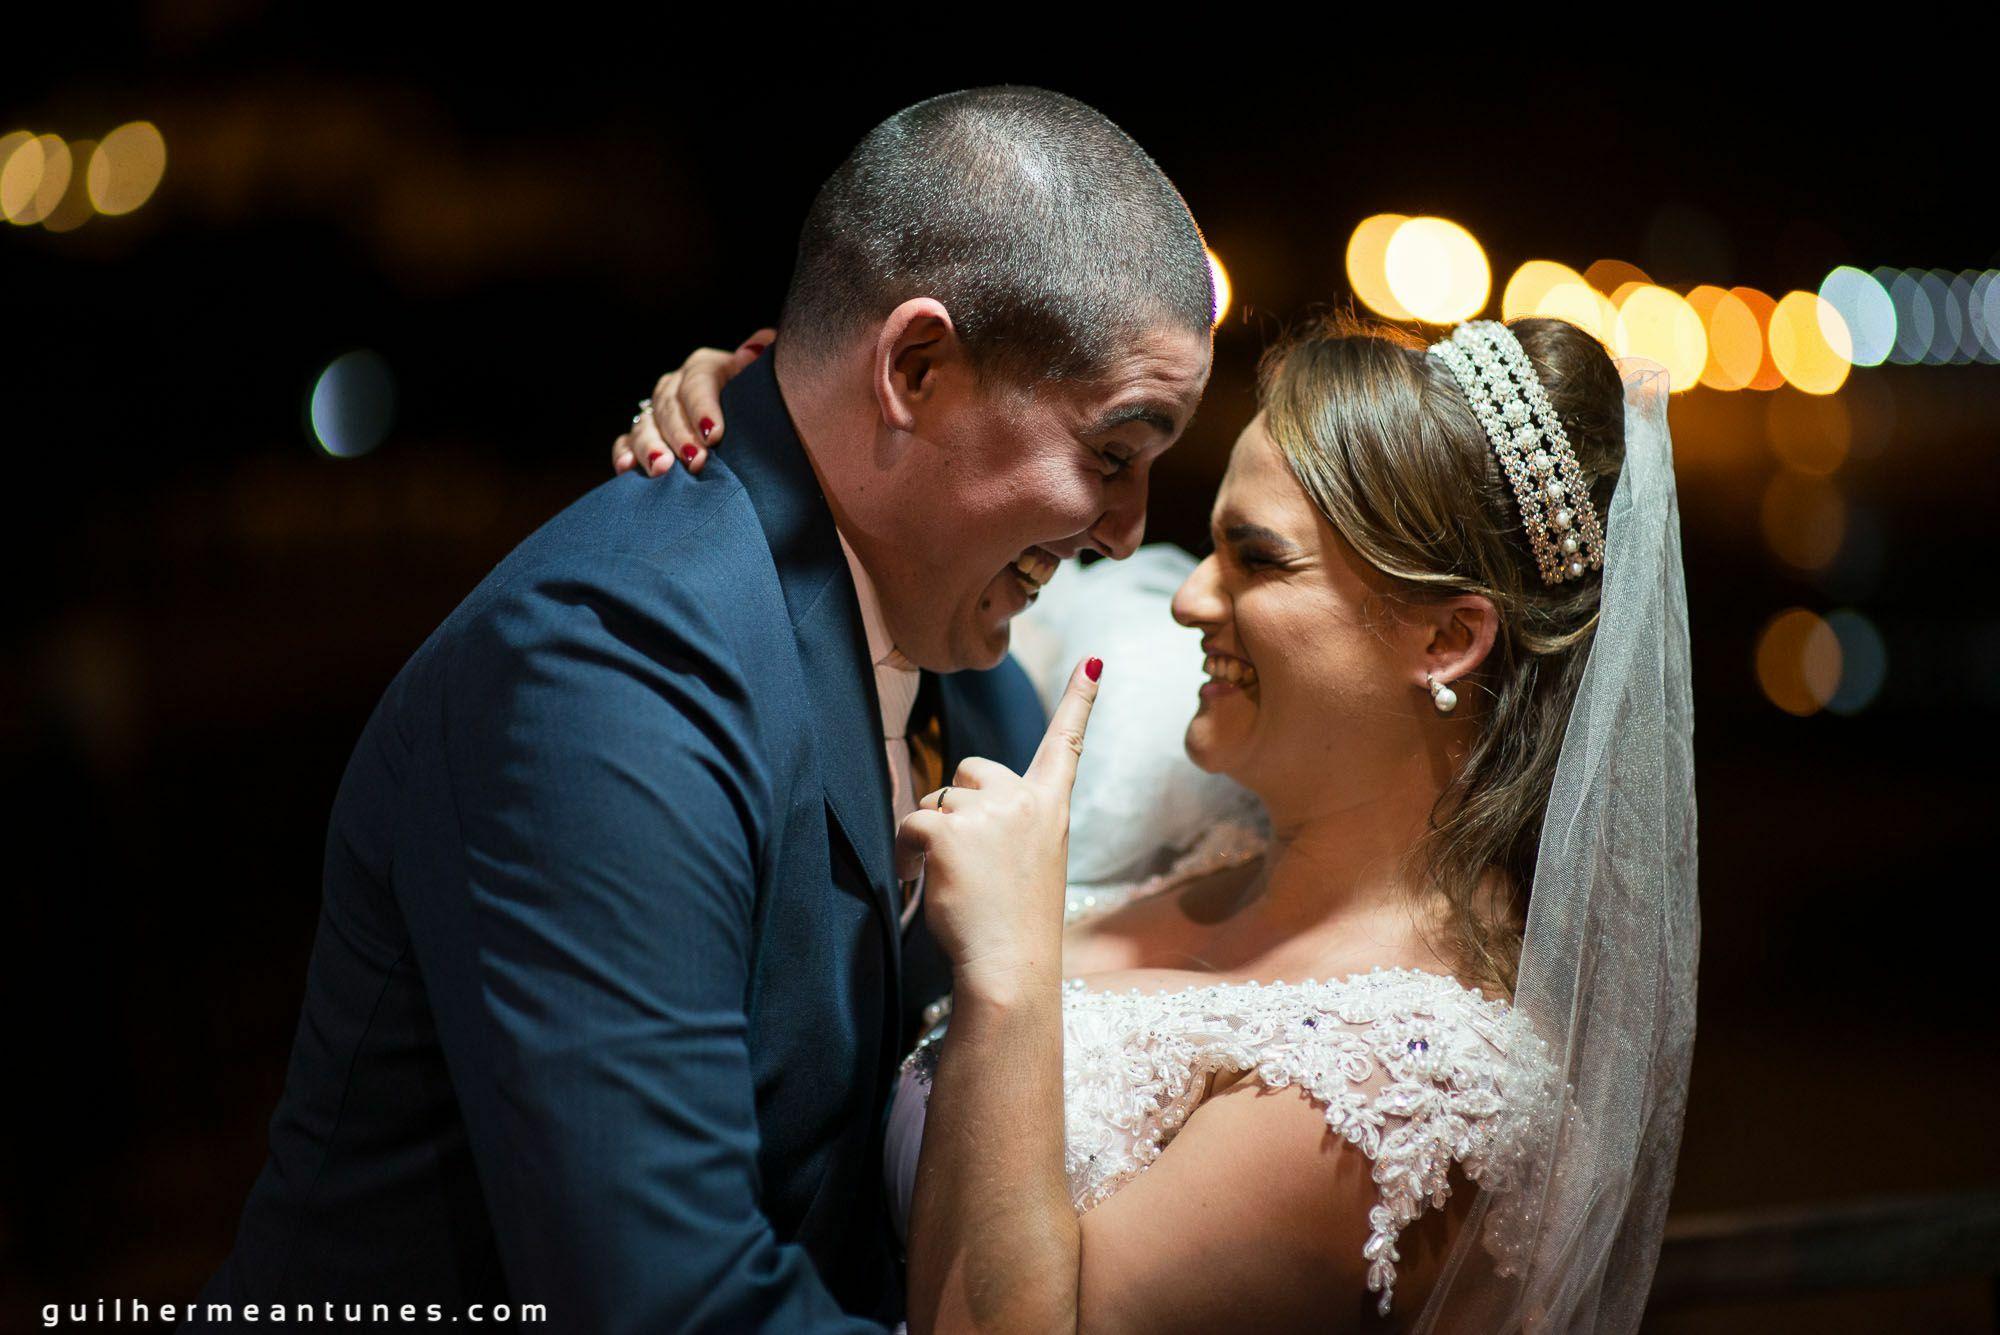 Cabine Fotográfica Nova Erechim | Memorizze fotografos para Eventos| Fotógrafo Nova Erechim | Fotografia de Eventos | Cabine Foto | Fotógrafo de casamento Nova Erechim | Fotografos de Eventos | Fotógrafo casamento Nova Erechim |